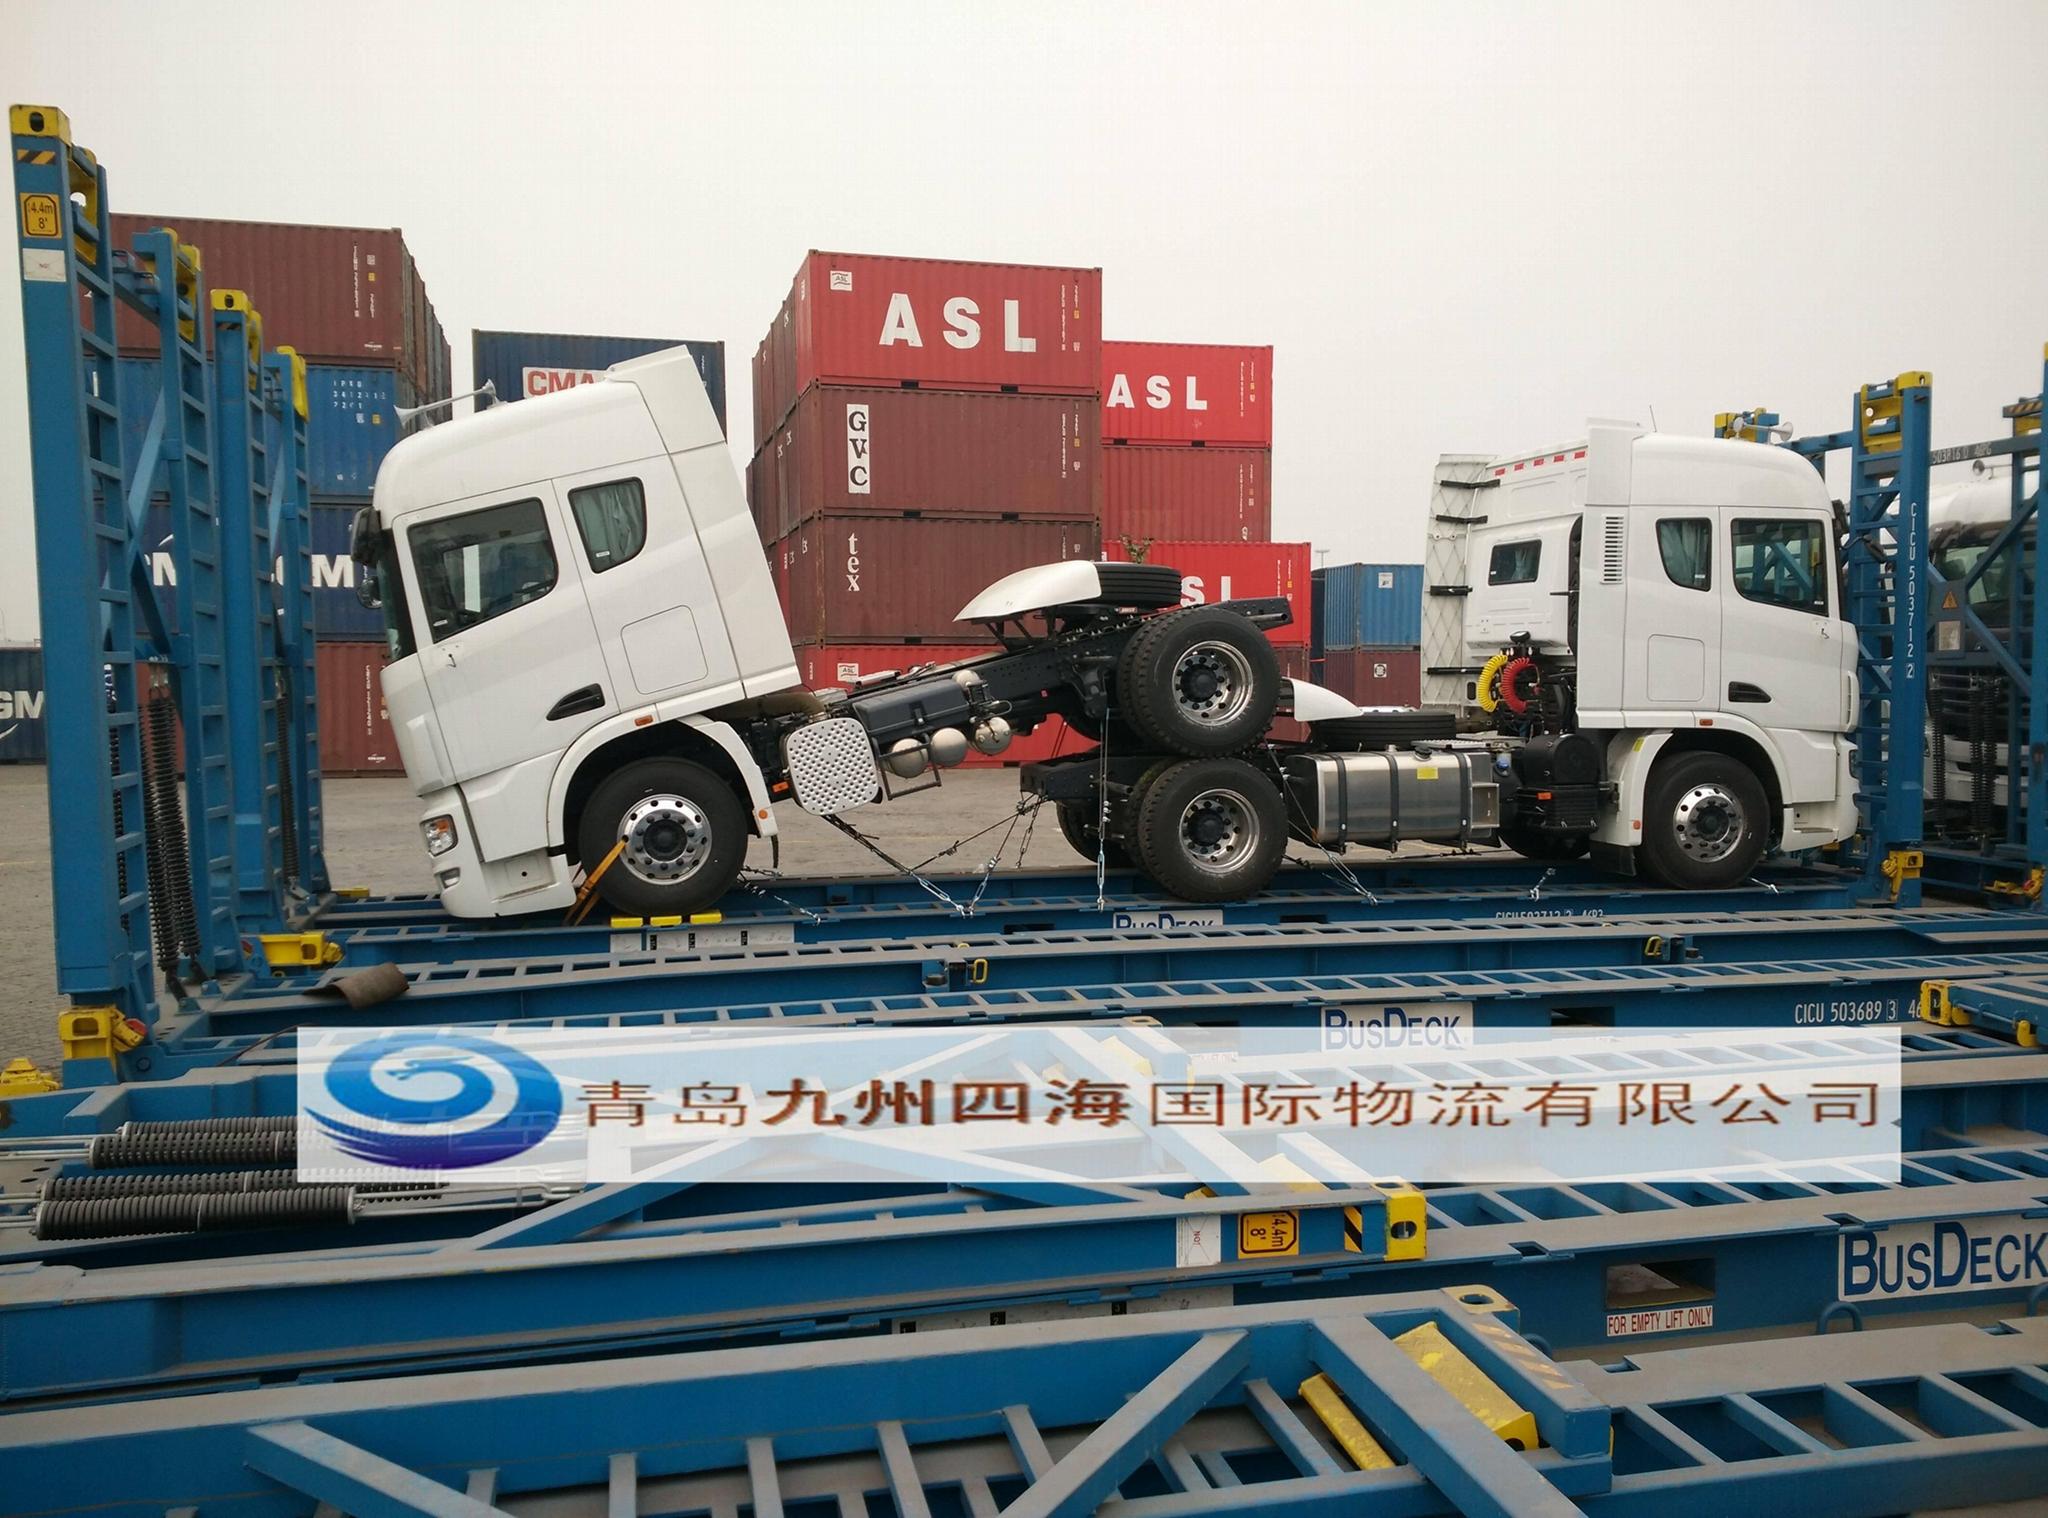 青岛港大件货物框架箱开顶箱海运订舱装箱加固 1